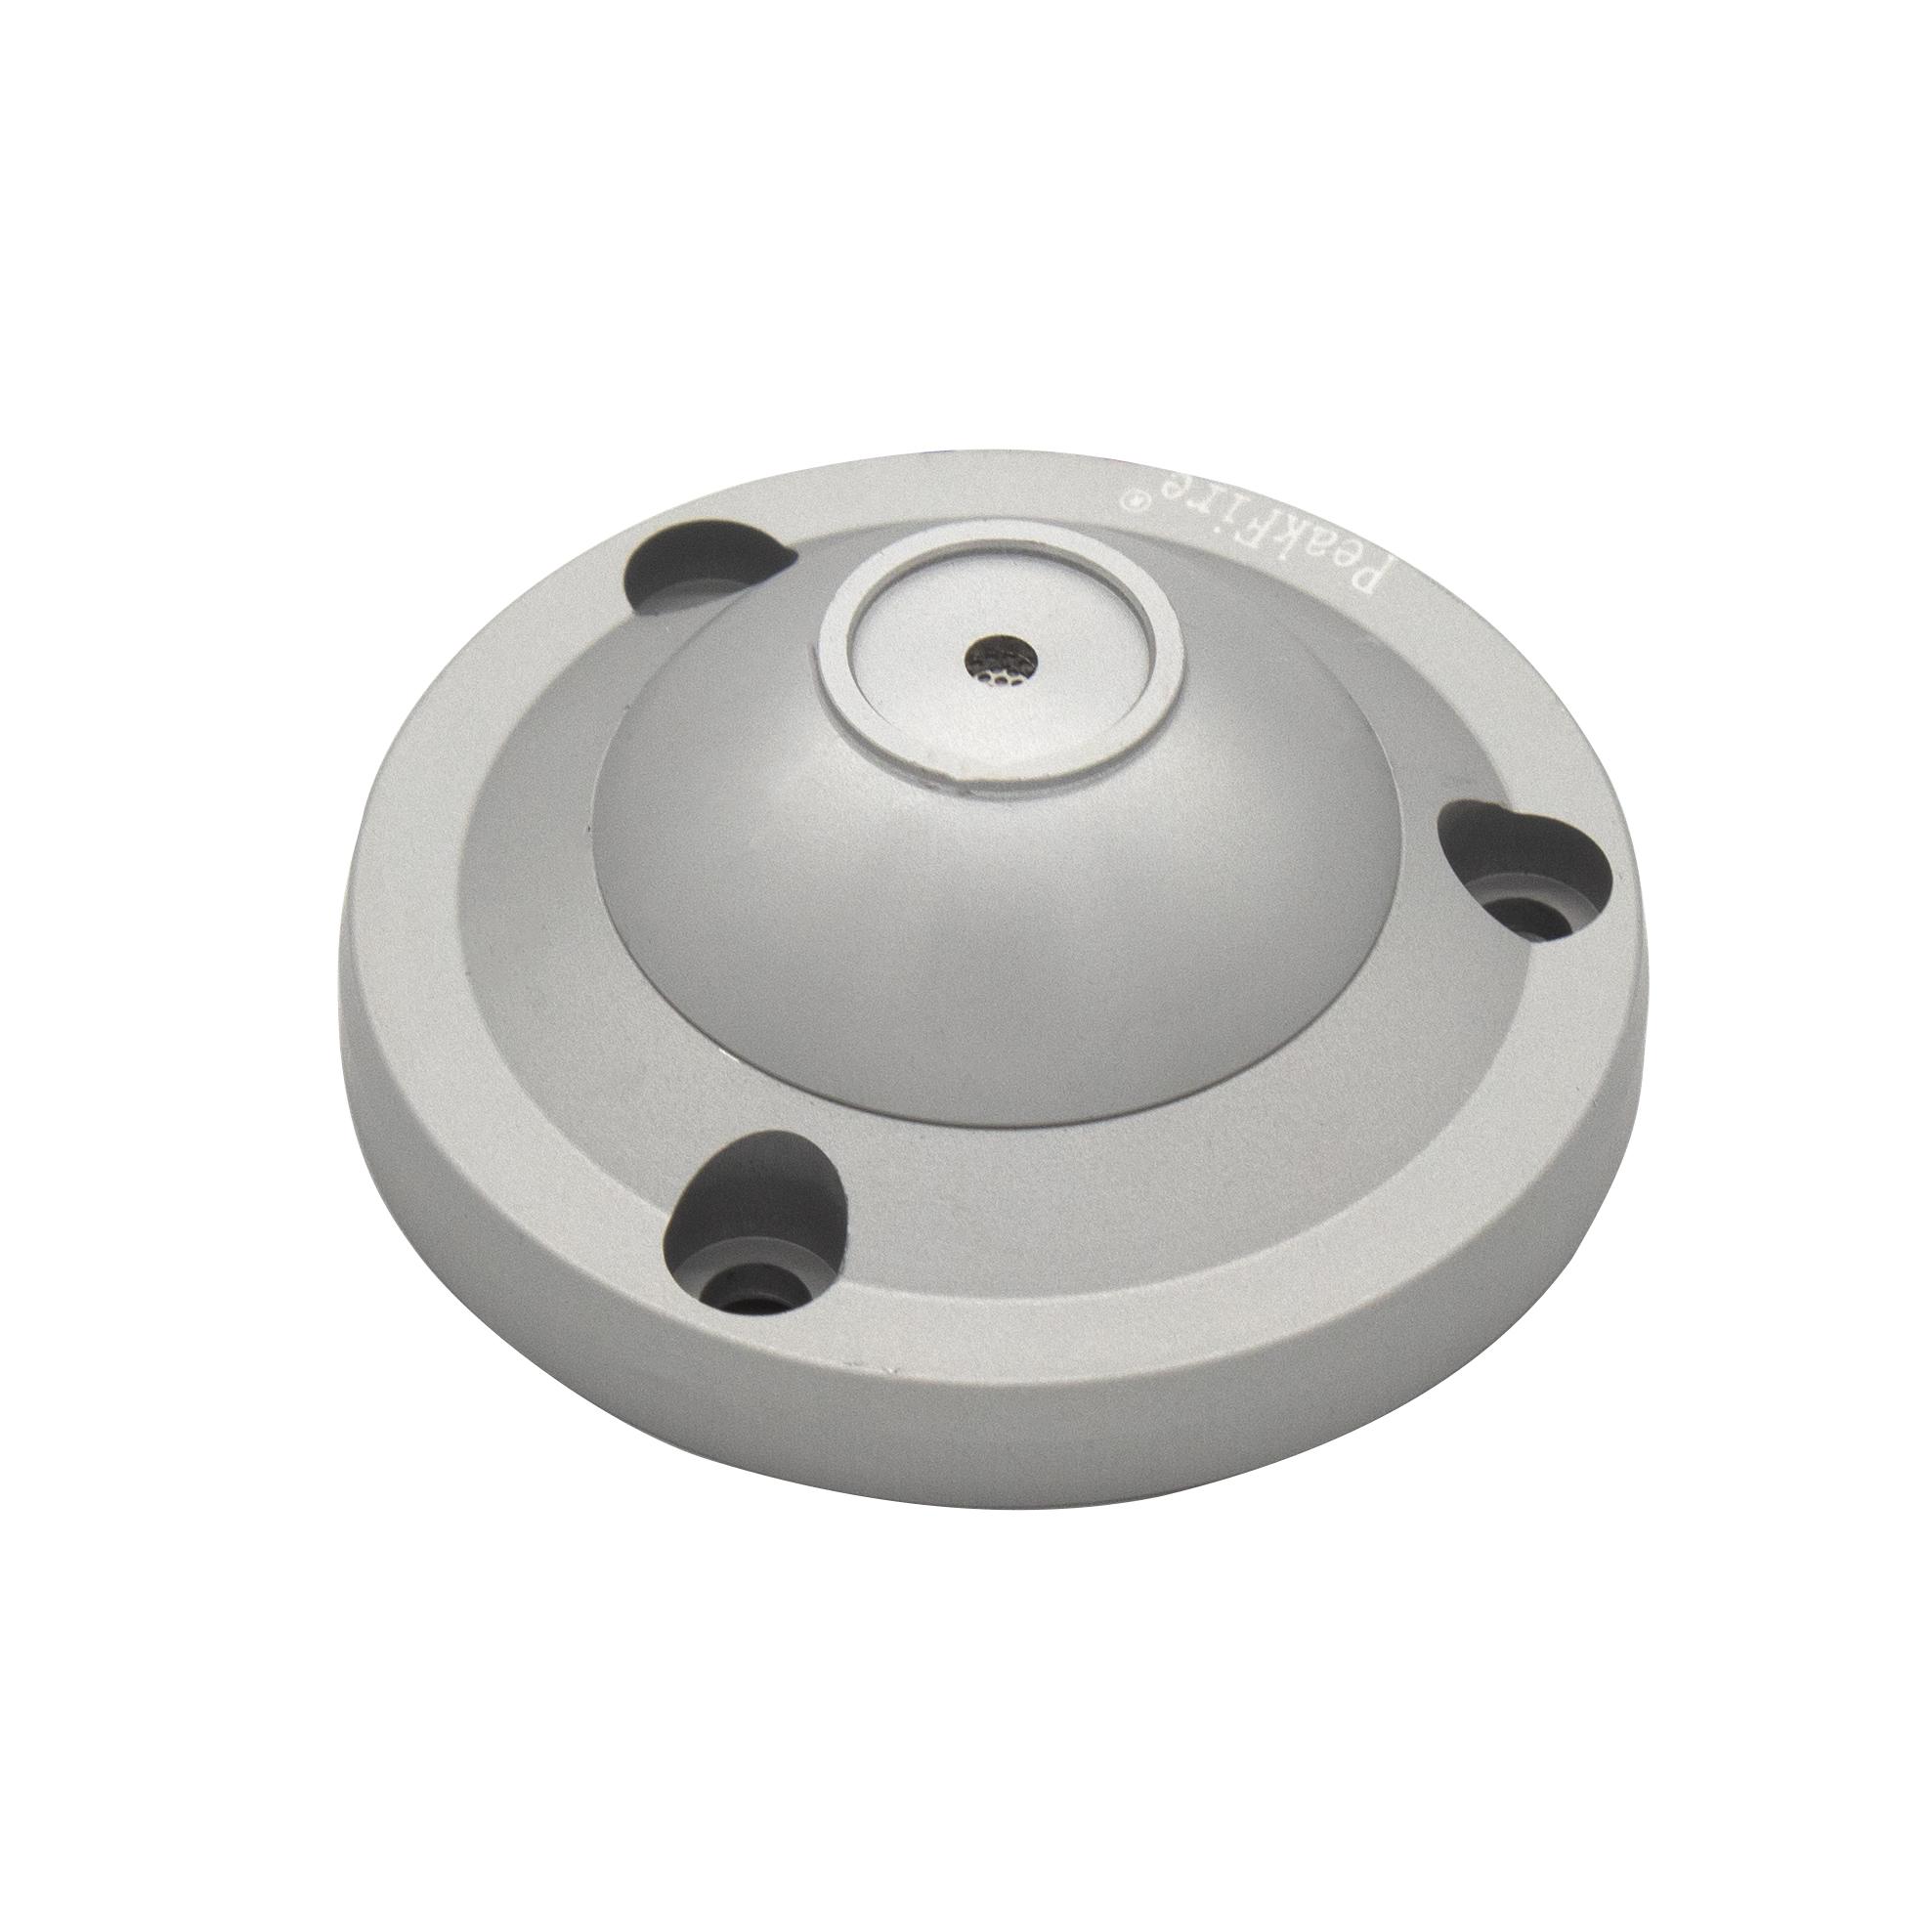 HD-18D 碟型防暴高保真降噪拾音器